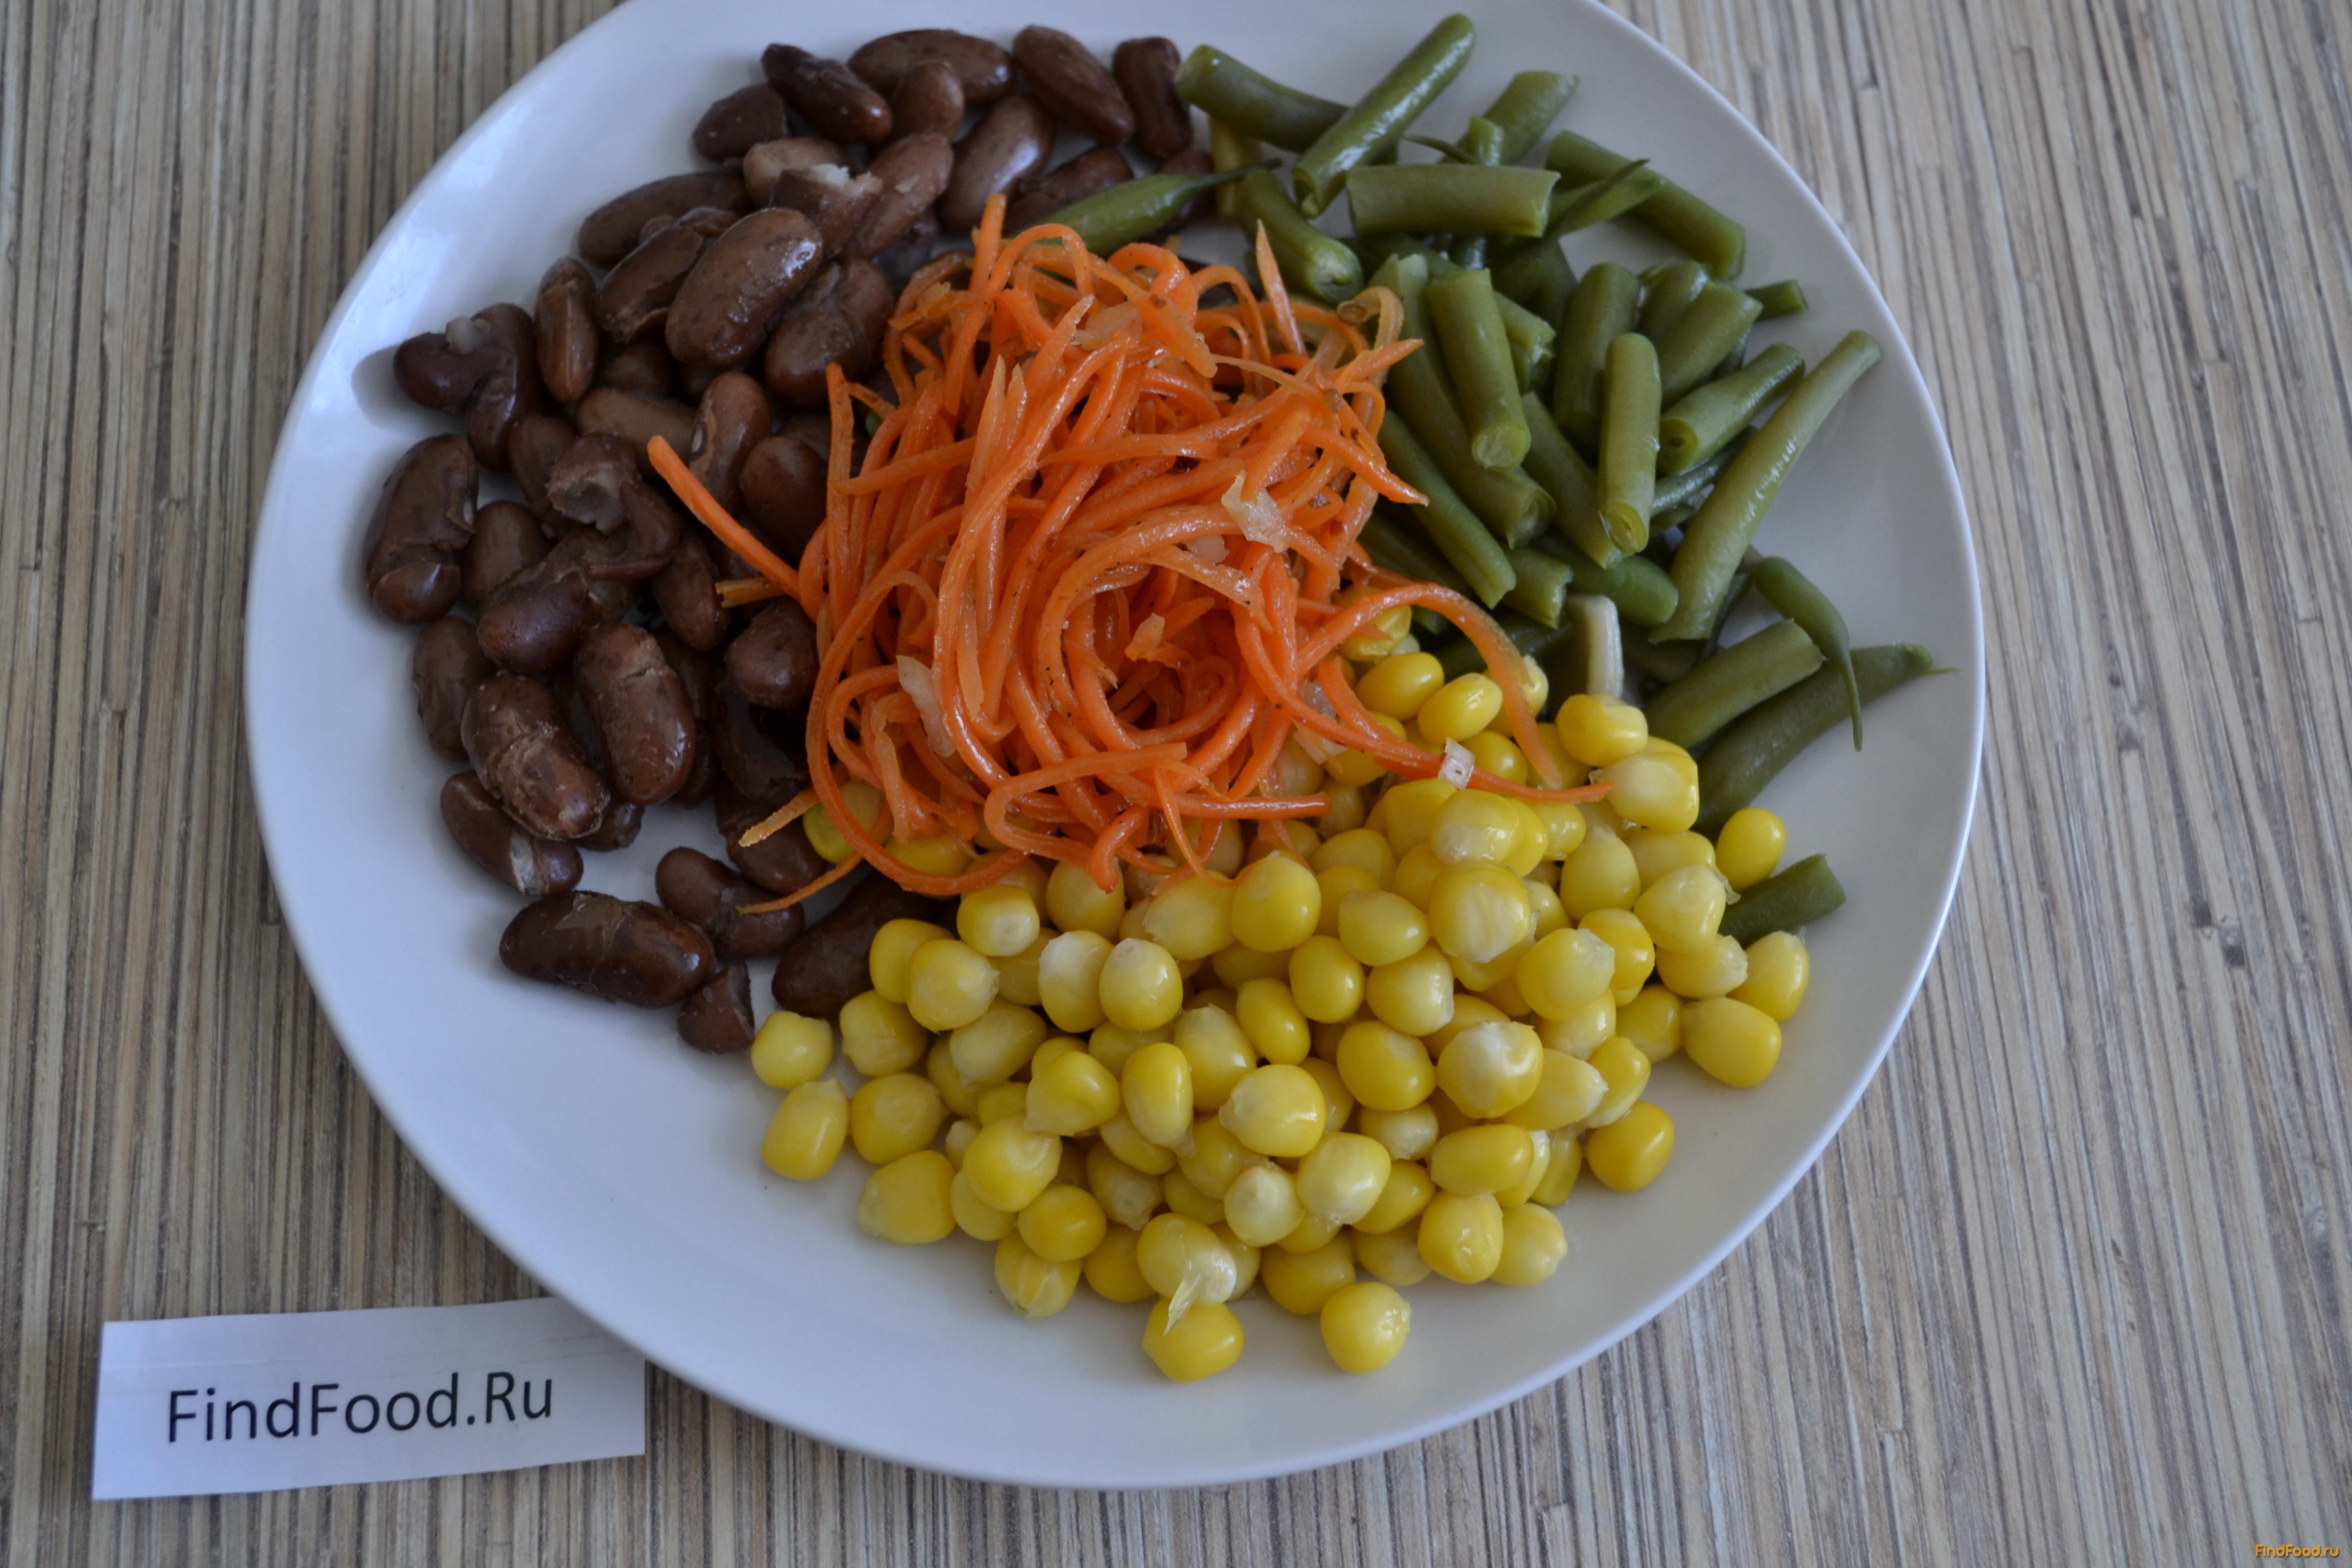 Салат с фасолью и морковью рецепт с